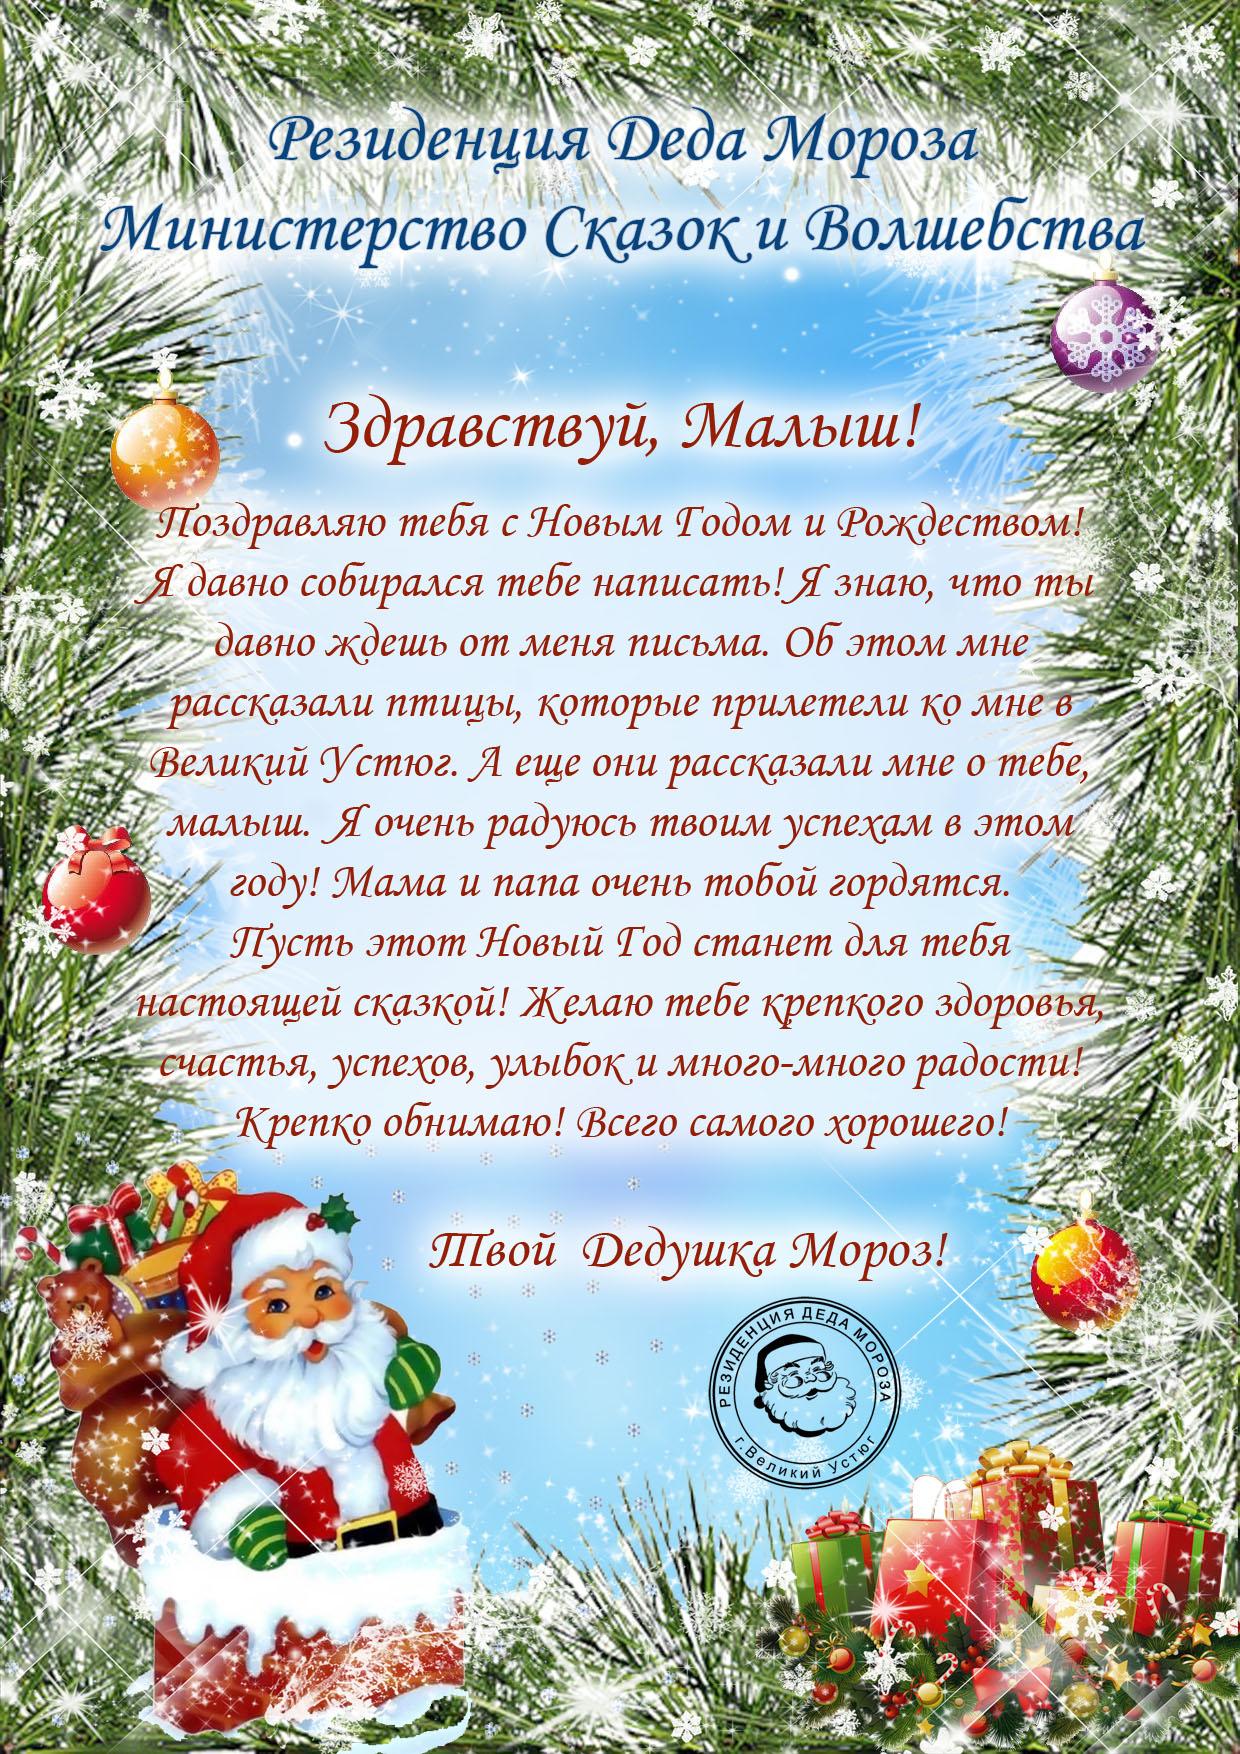 Новогодние открыток 2016